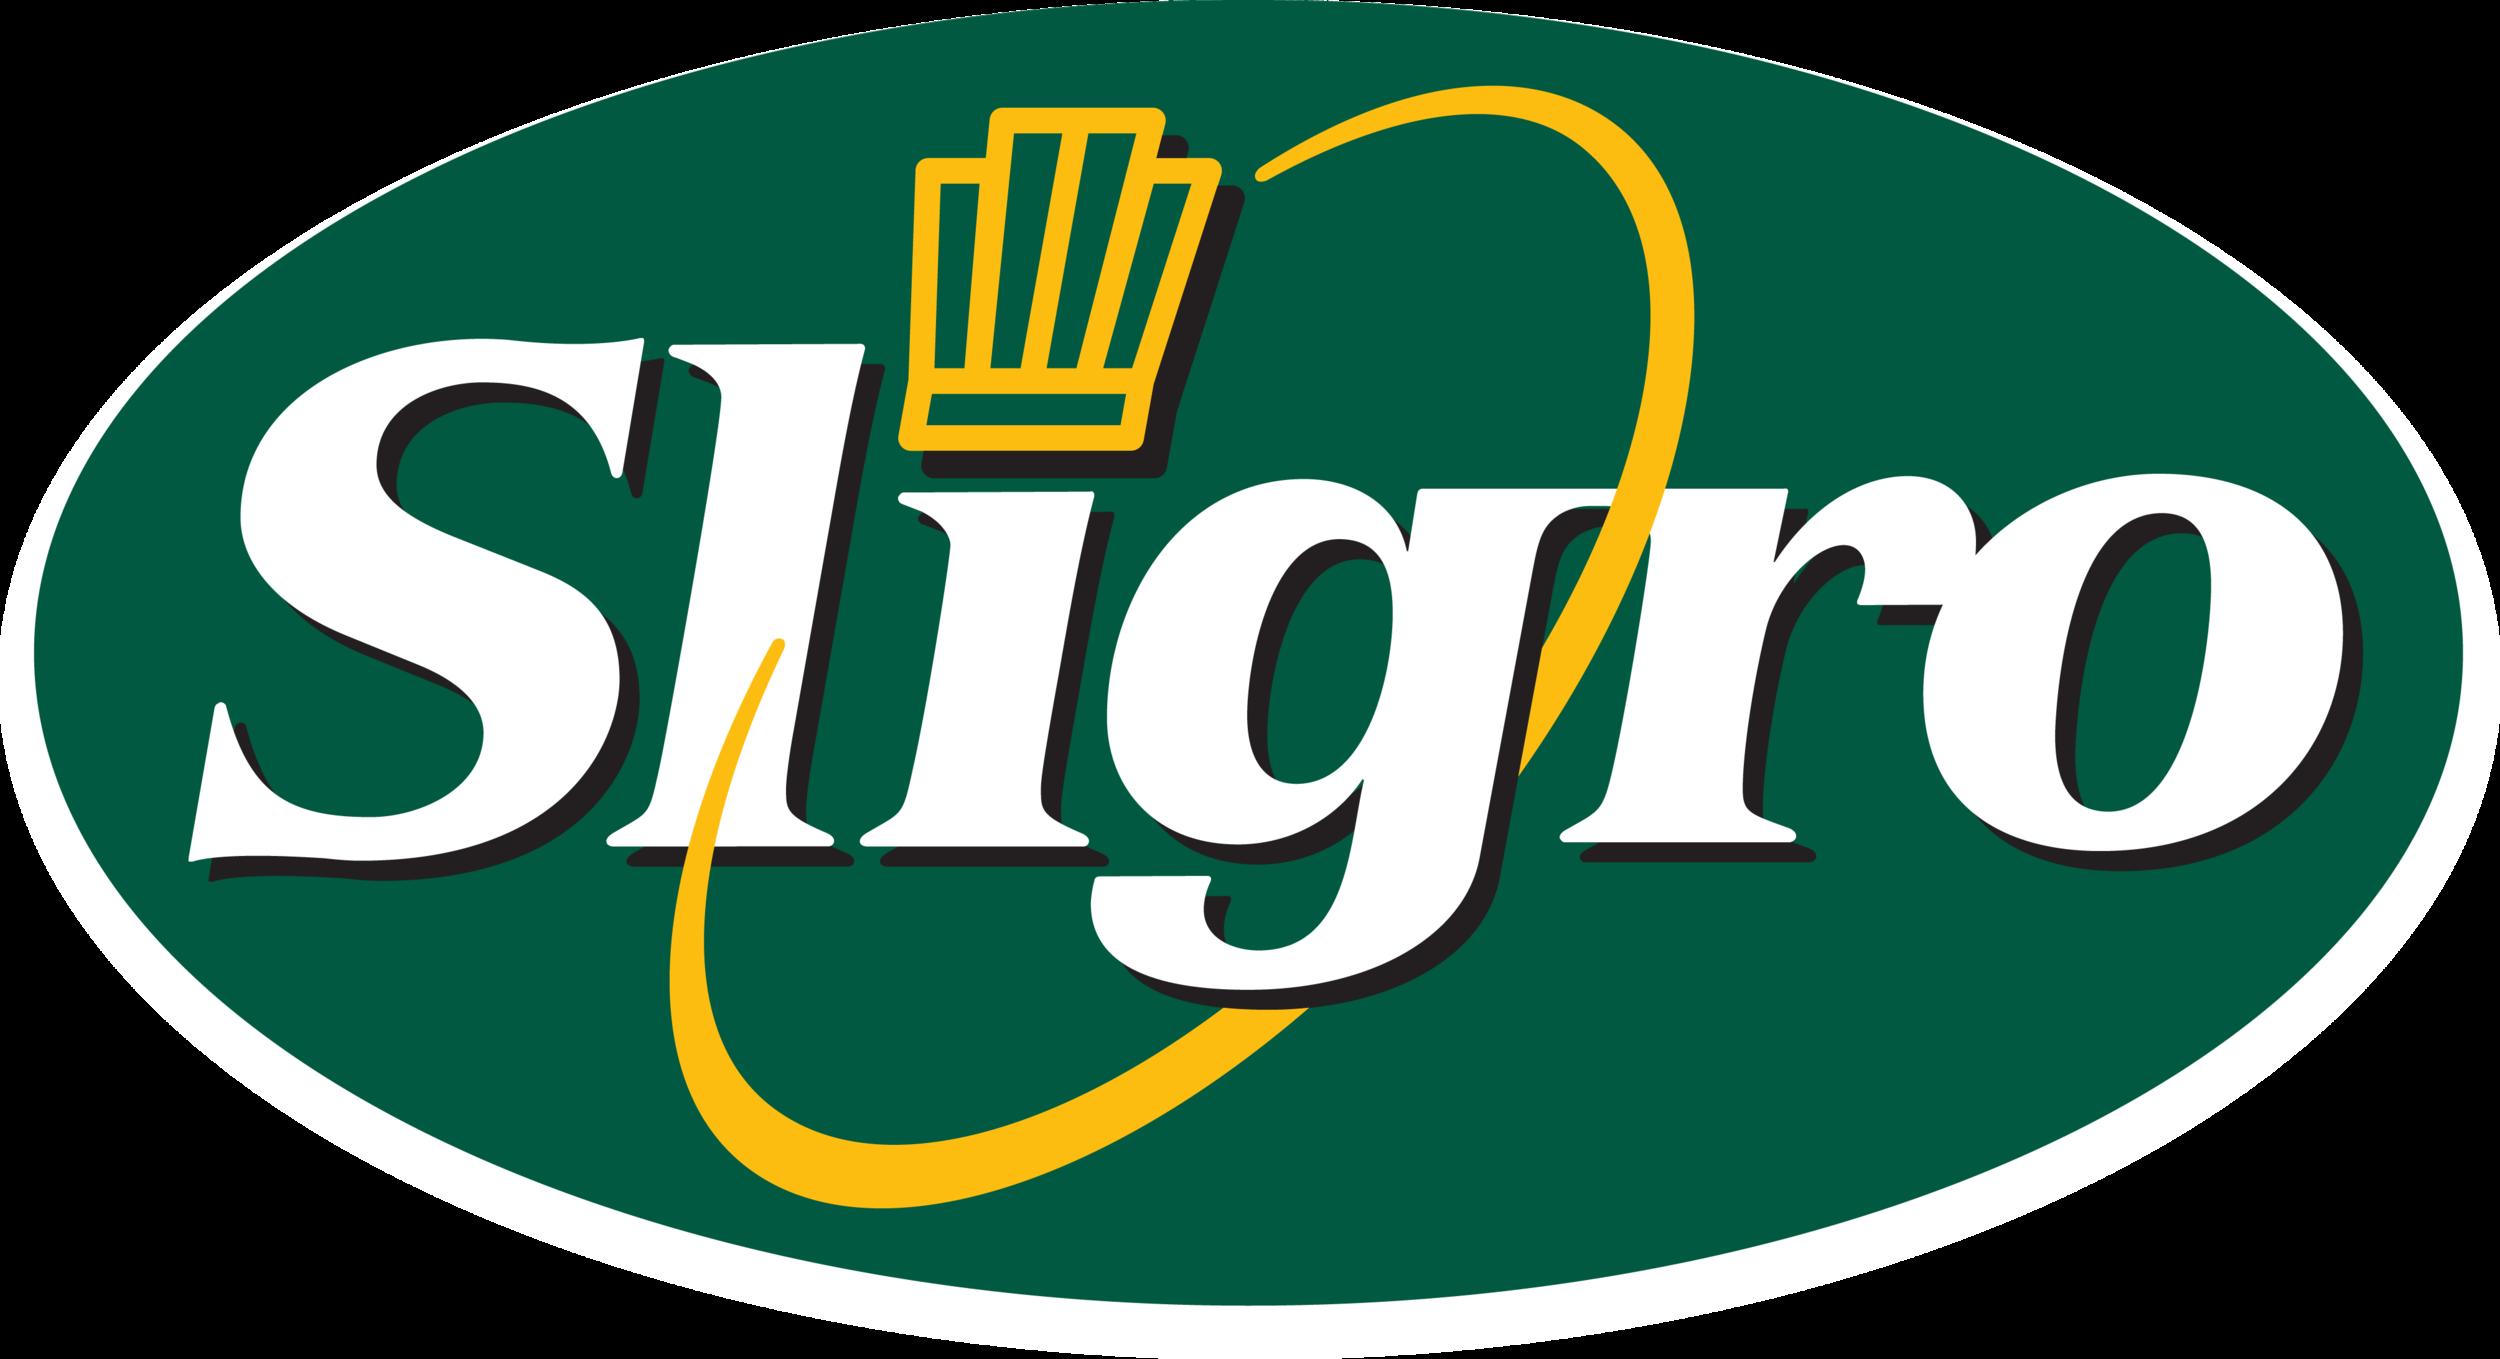 sligro-logo.png